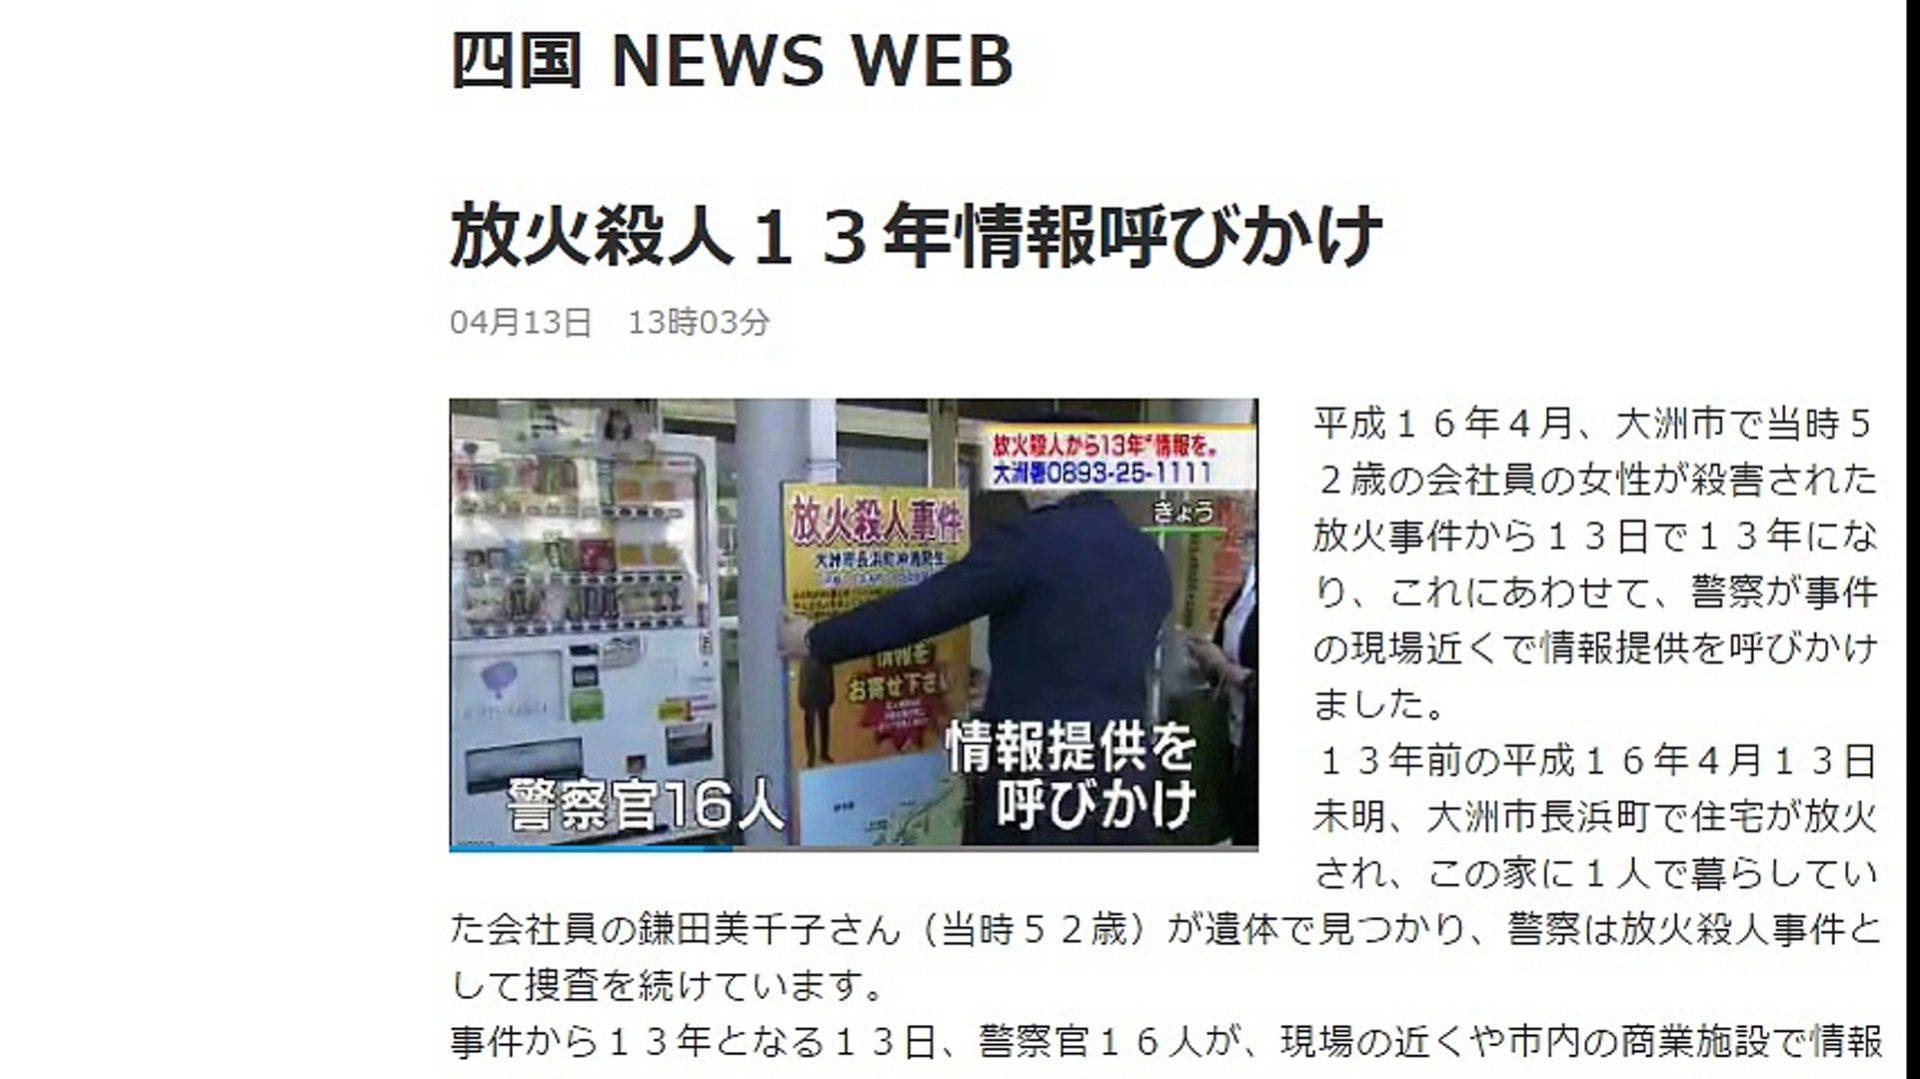 愛媛県大洲市長浜町の放火殺人事件